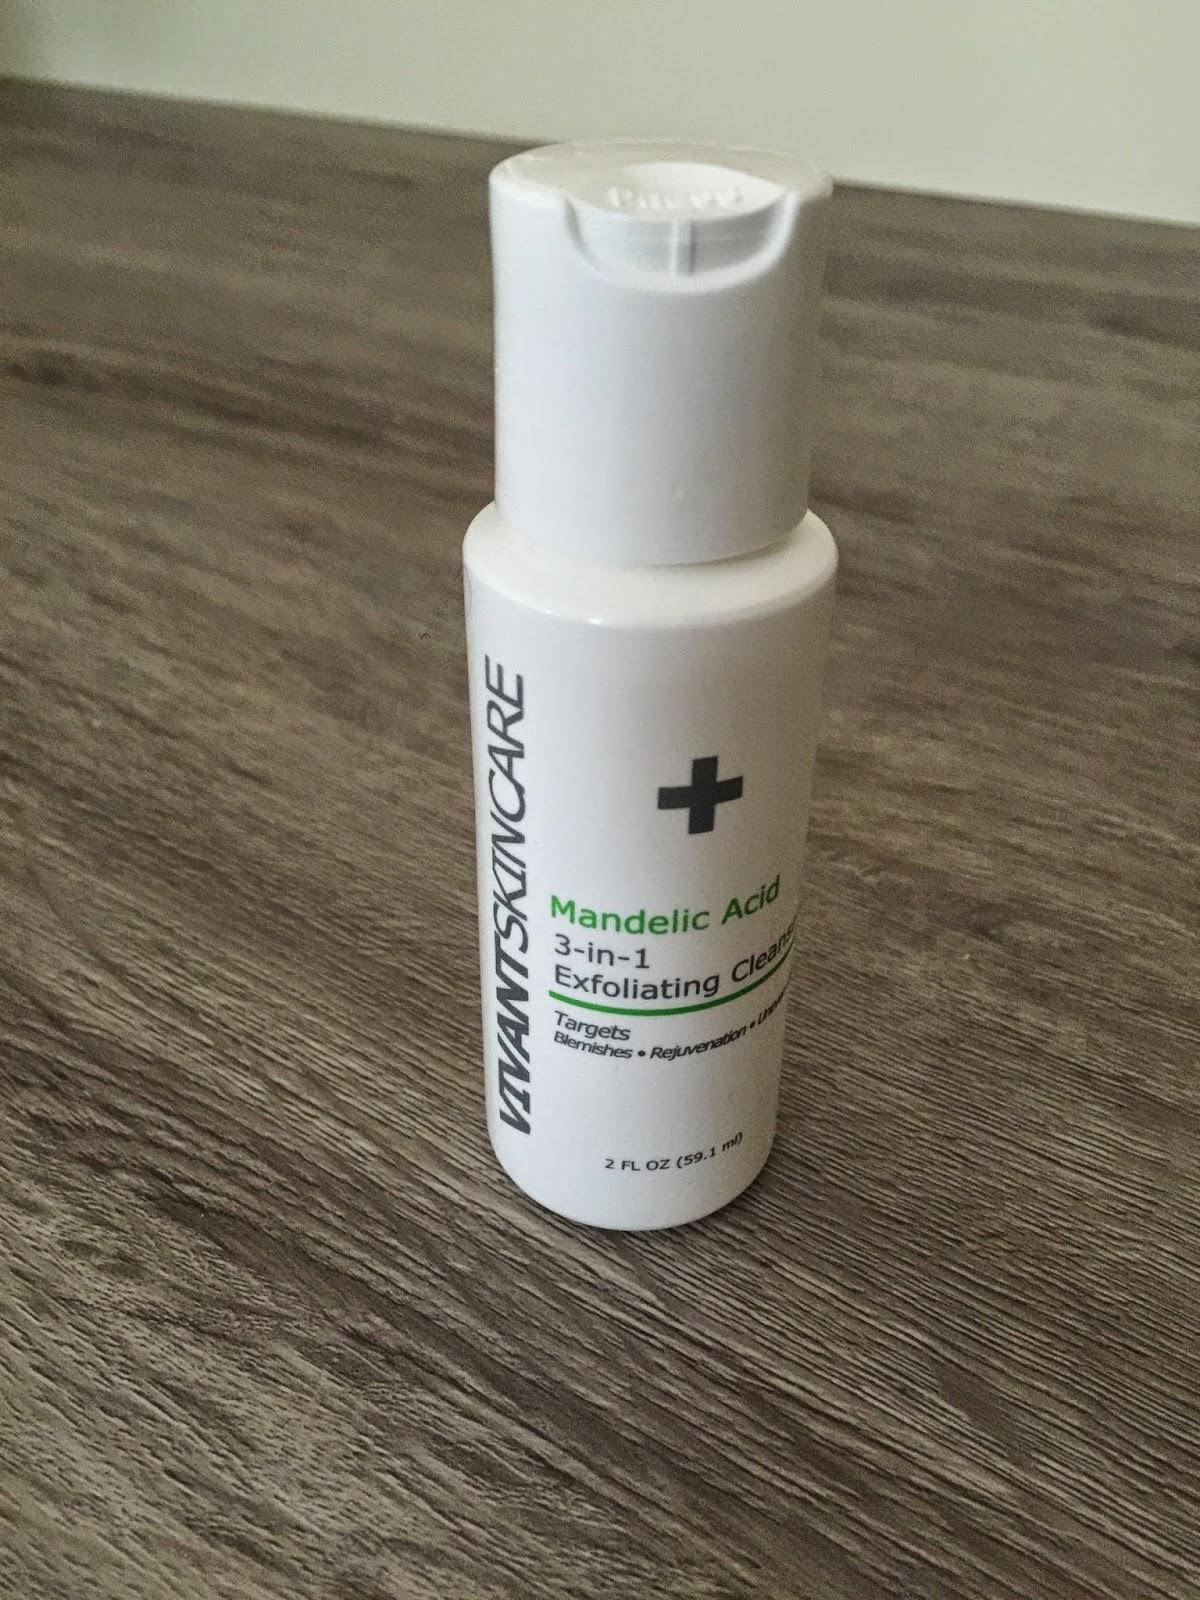 vivant skincare 3 in 1 mandelic Acid Exfoliating face wash